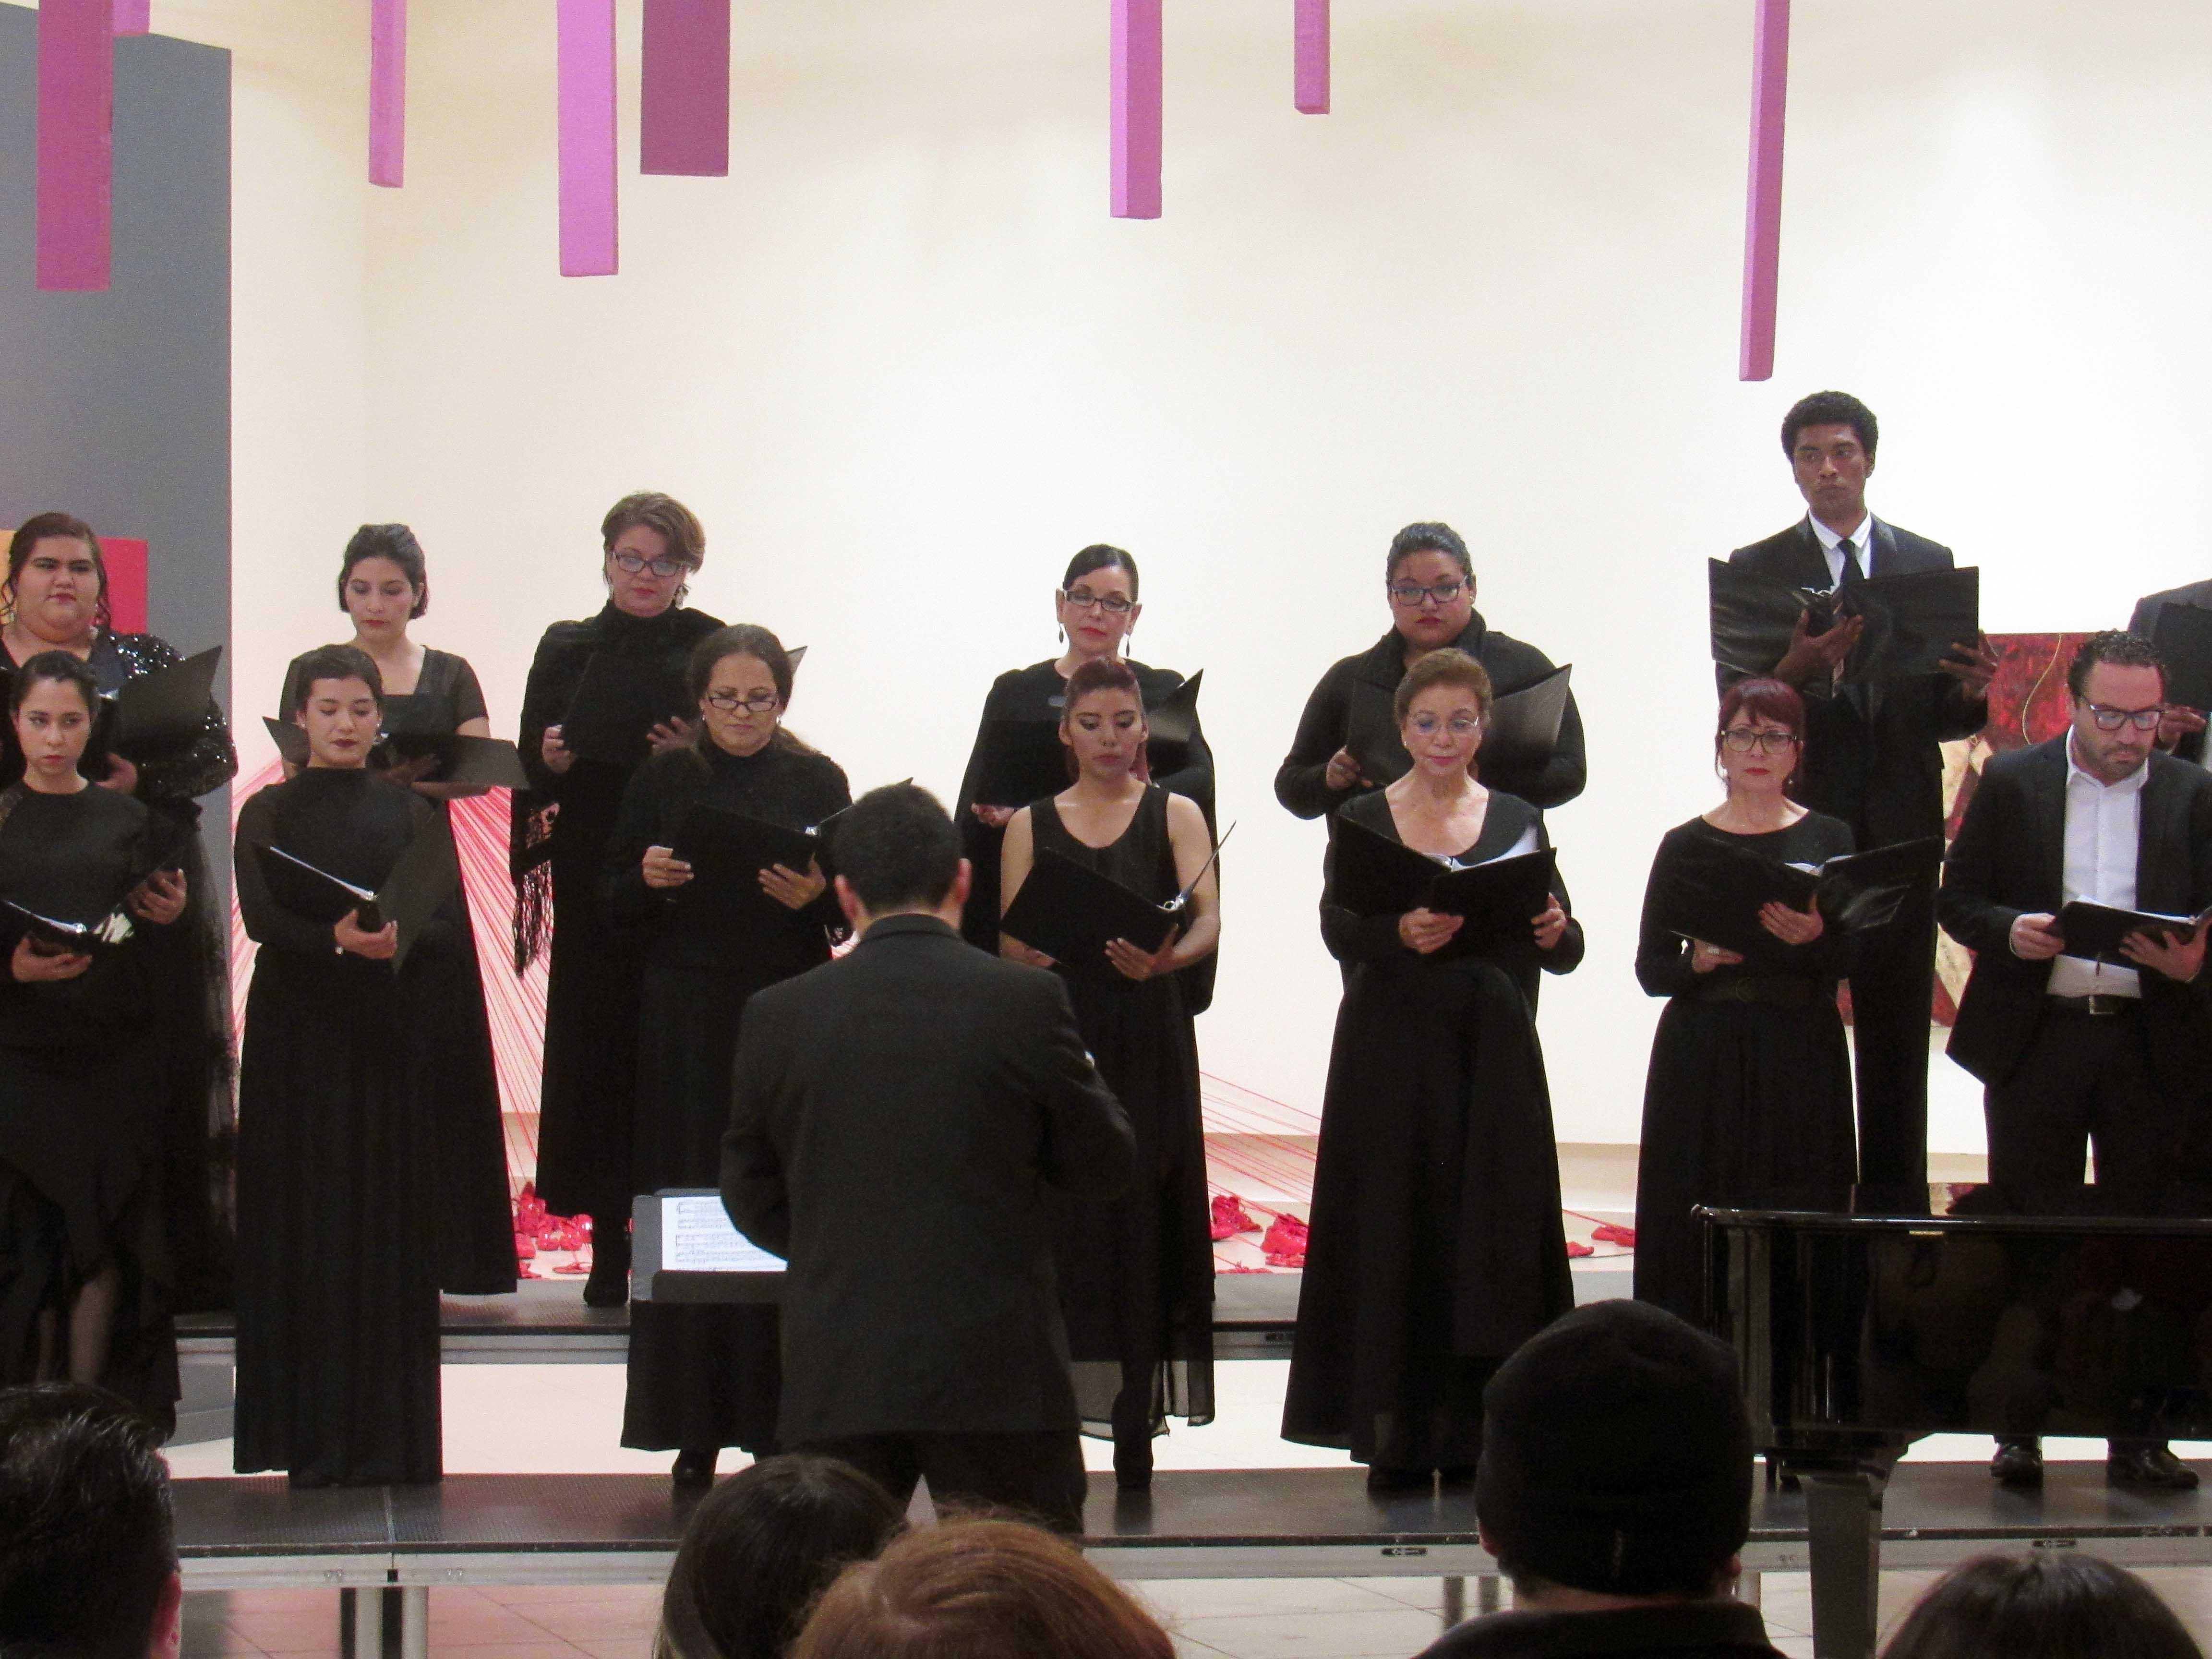 Gira de Coros de Ópera de Tijuana por Mexicali y San Quintín